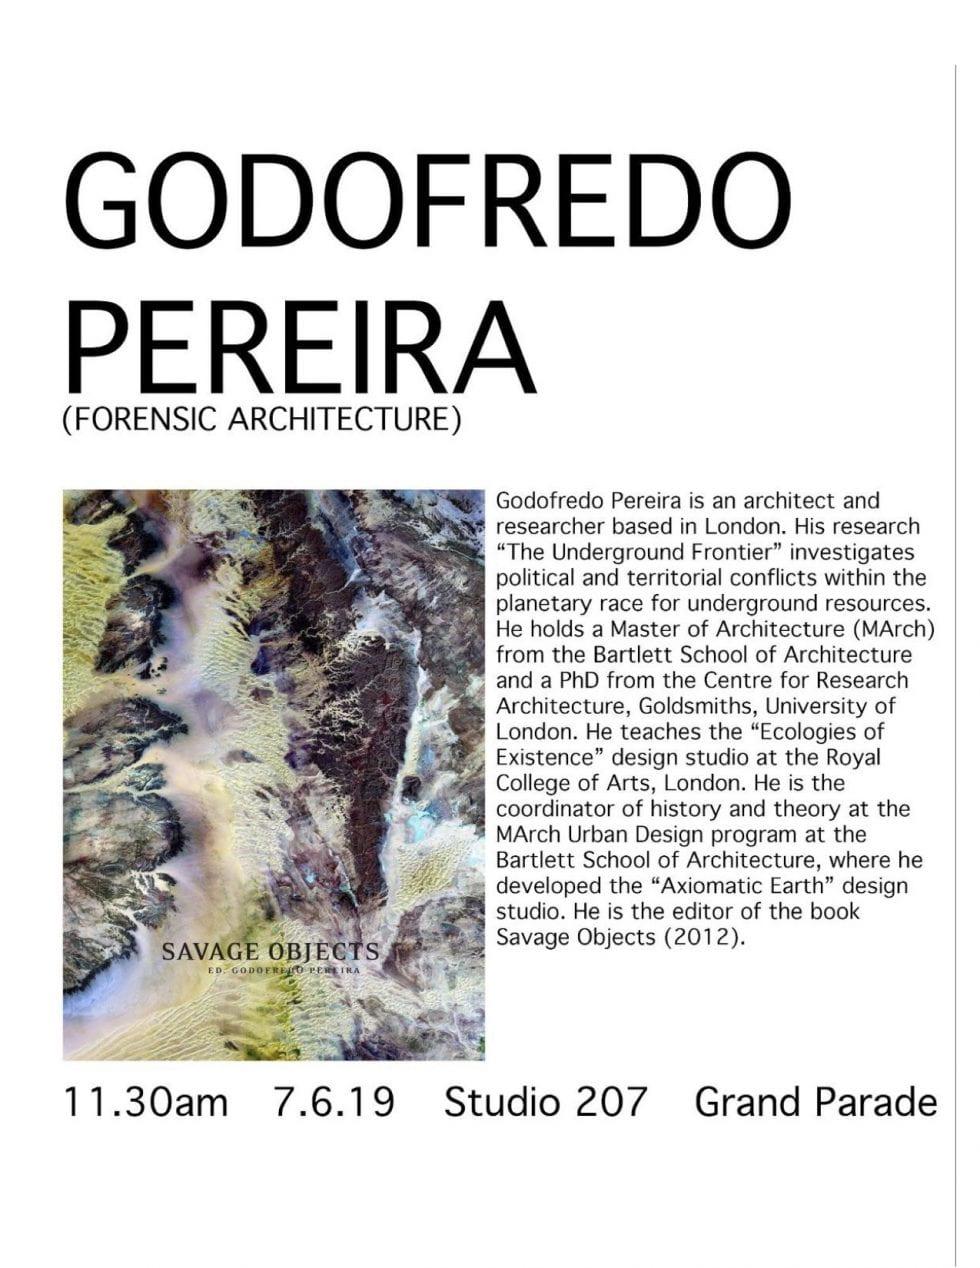 Godofredo Pereira POSTER